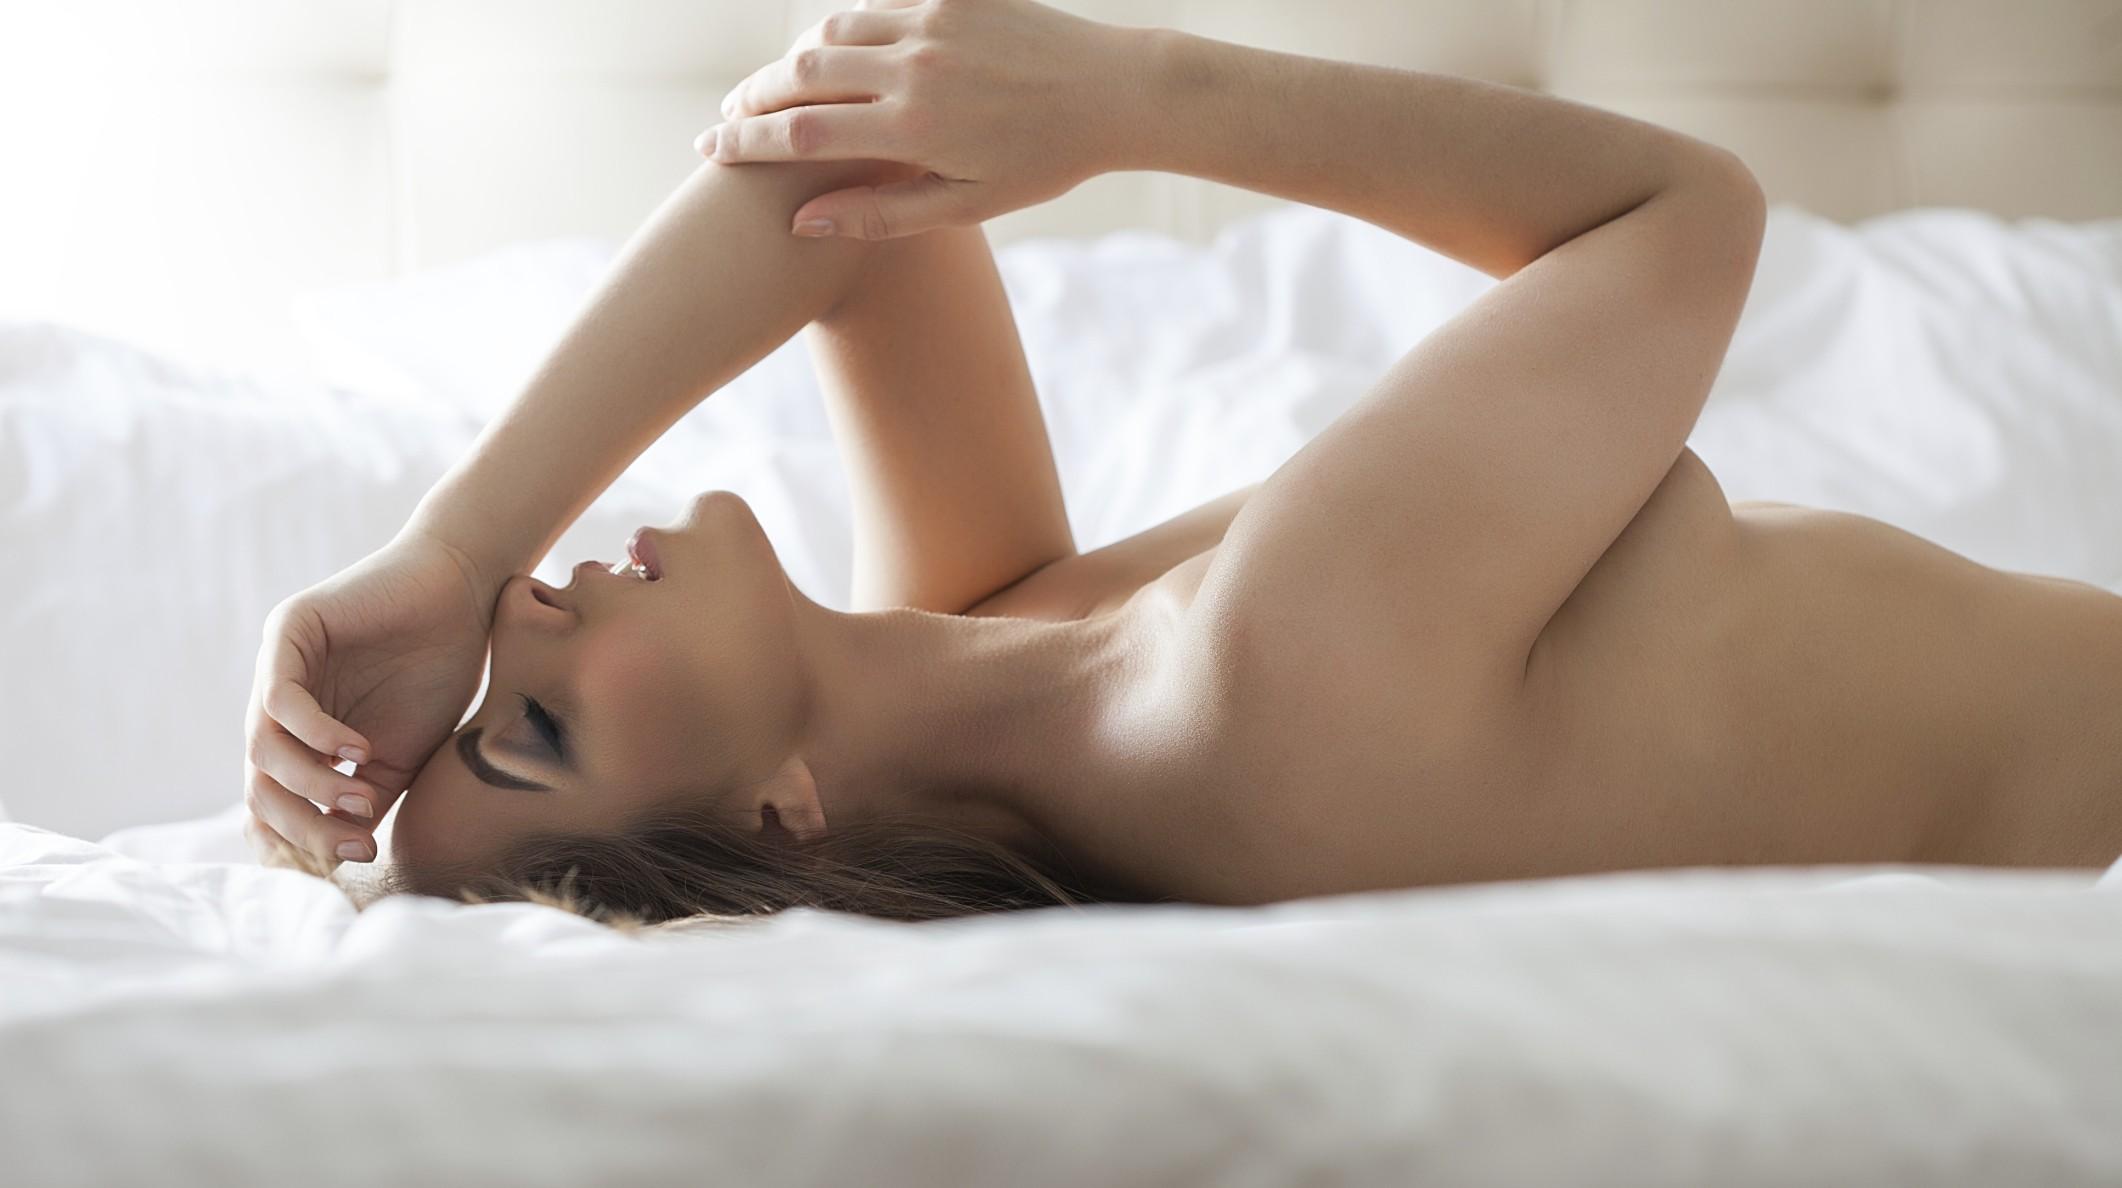 videók a szexuális pozíciókról